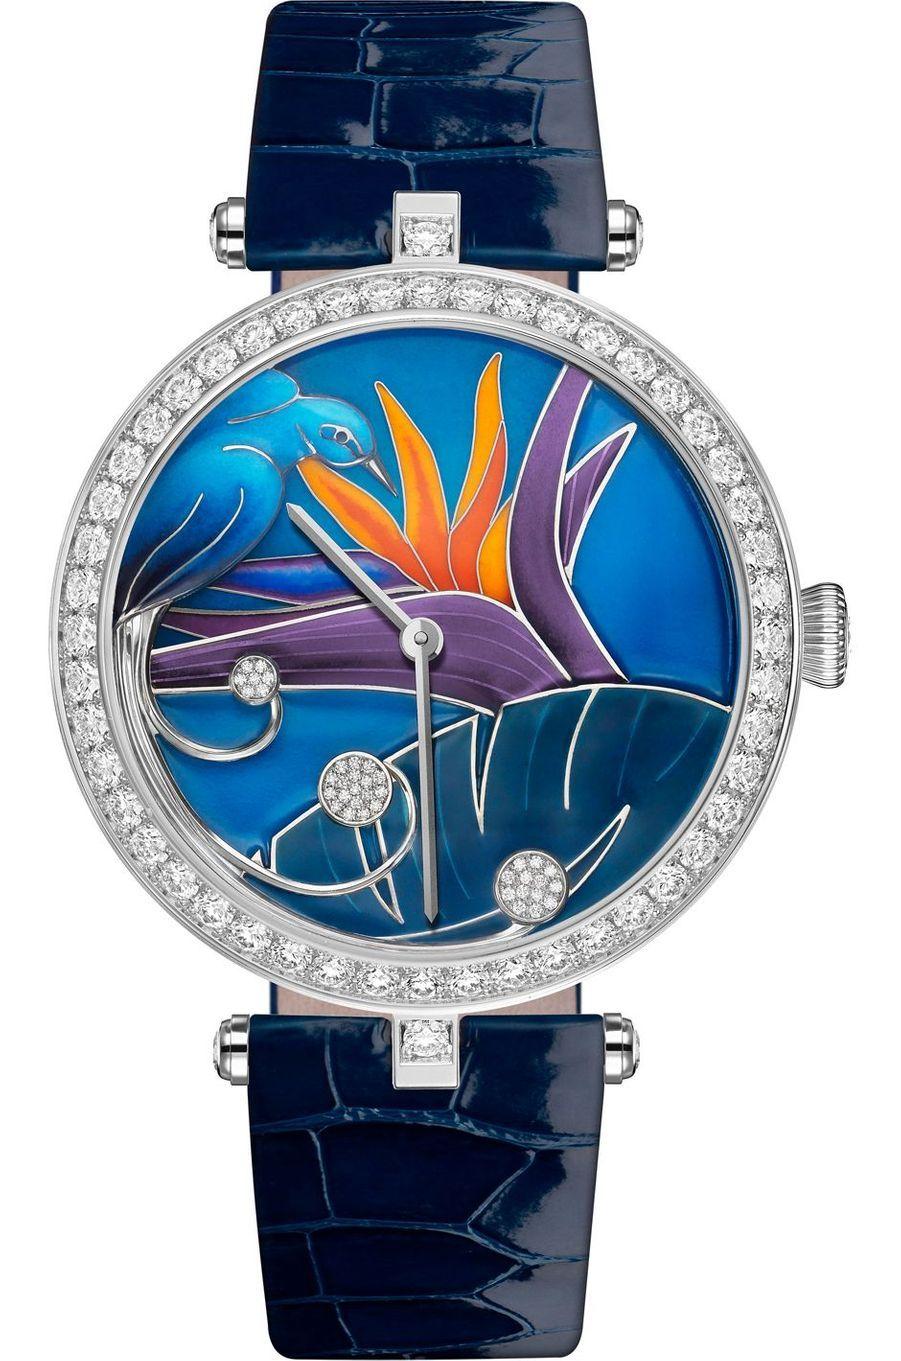 Lady Arpels en or rose, lunette sertie de diamants, 38 mm de diamètre, cadran en émail cloisonné et diamants représentant un Oiseau de Paradis, mouvement automatique, bracelet en alligator. Prix sur demande. Van Cleef & Arpels.